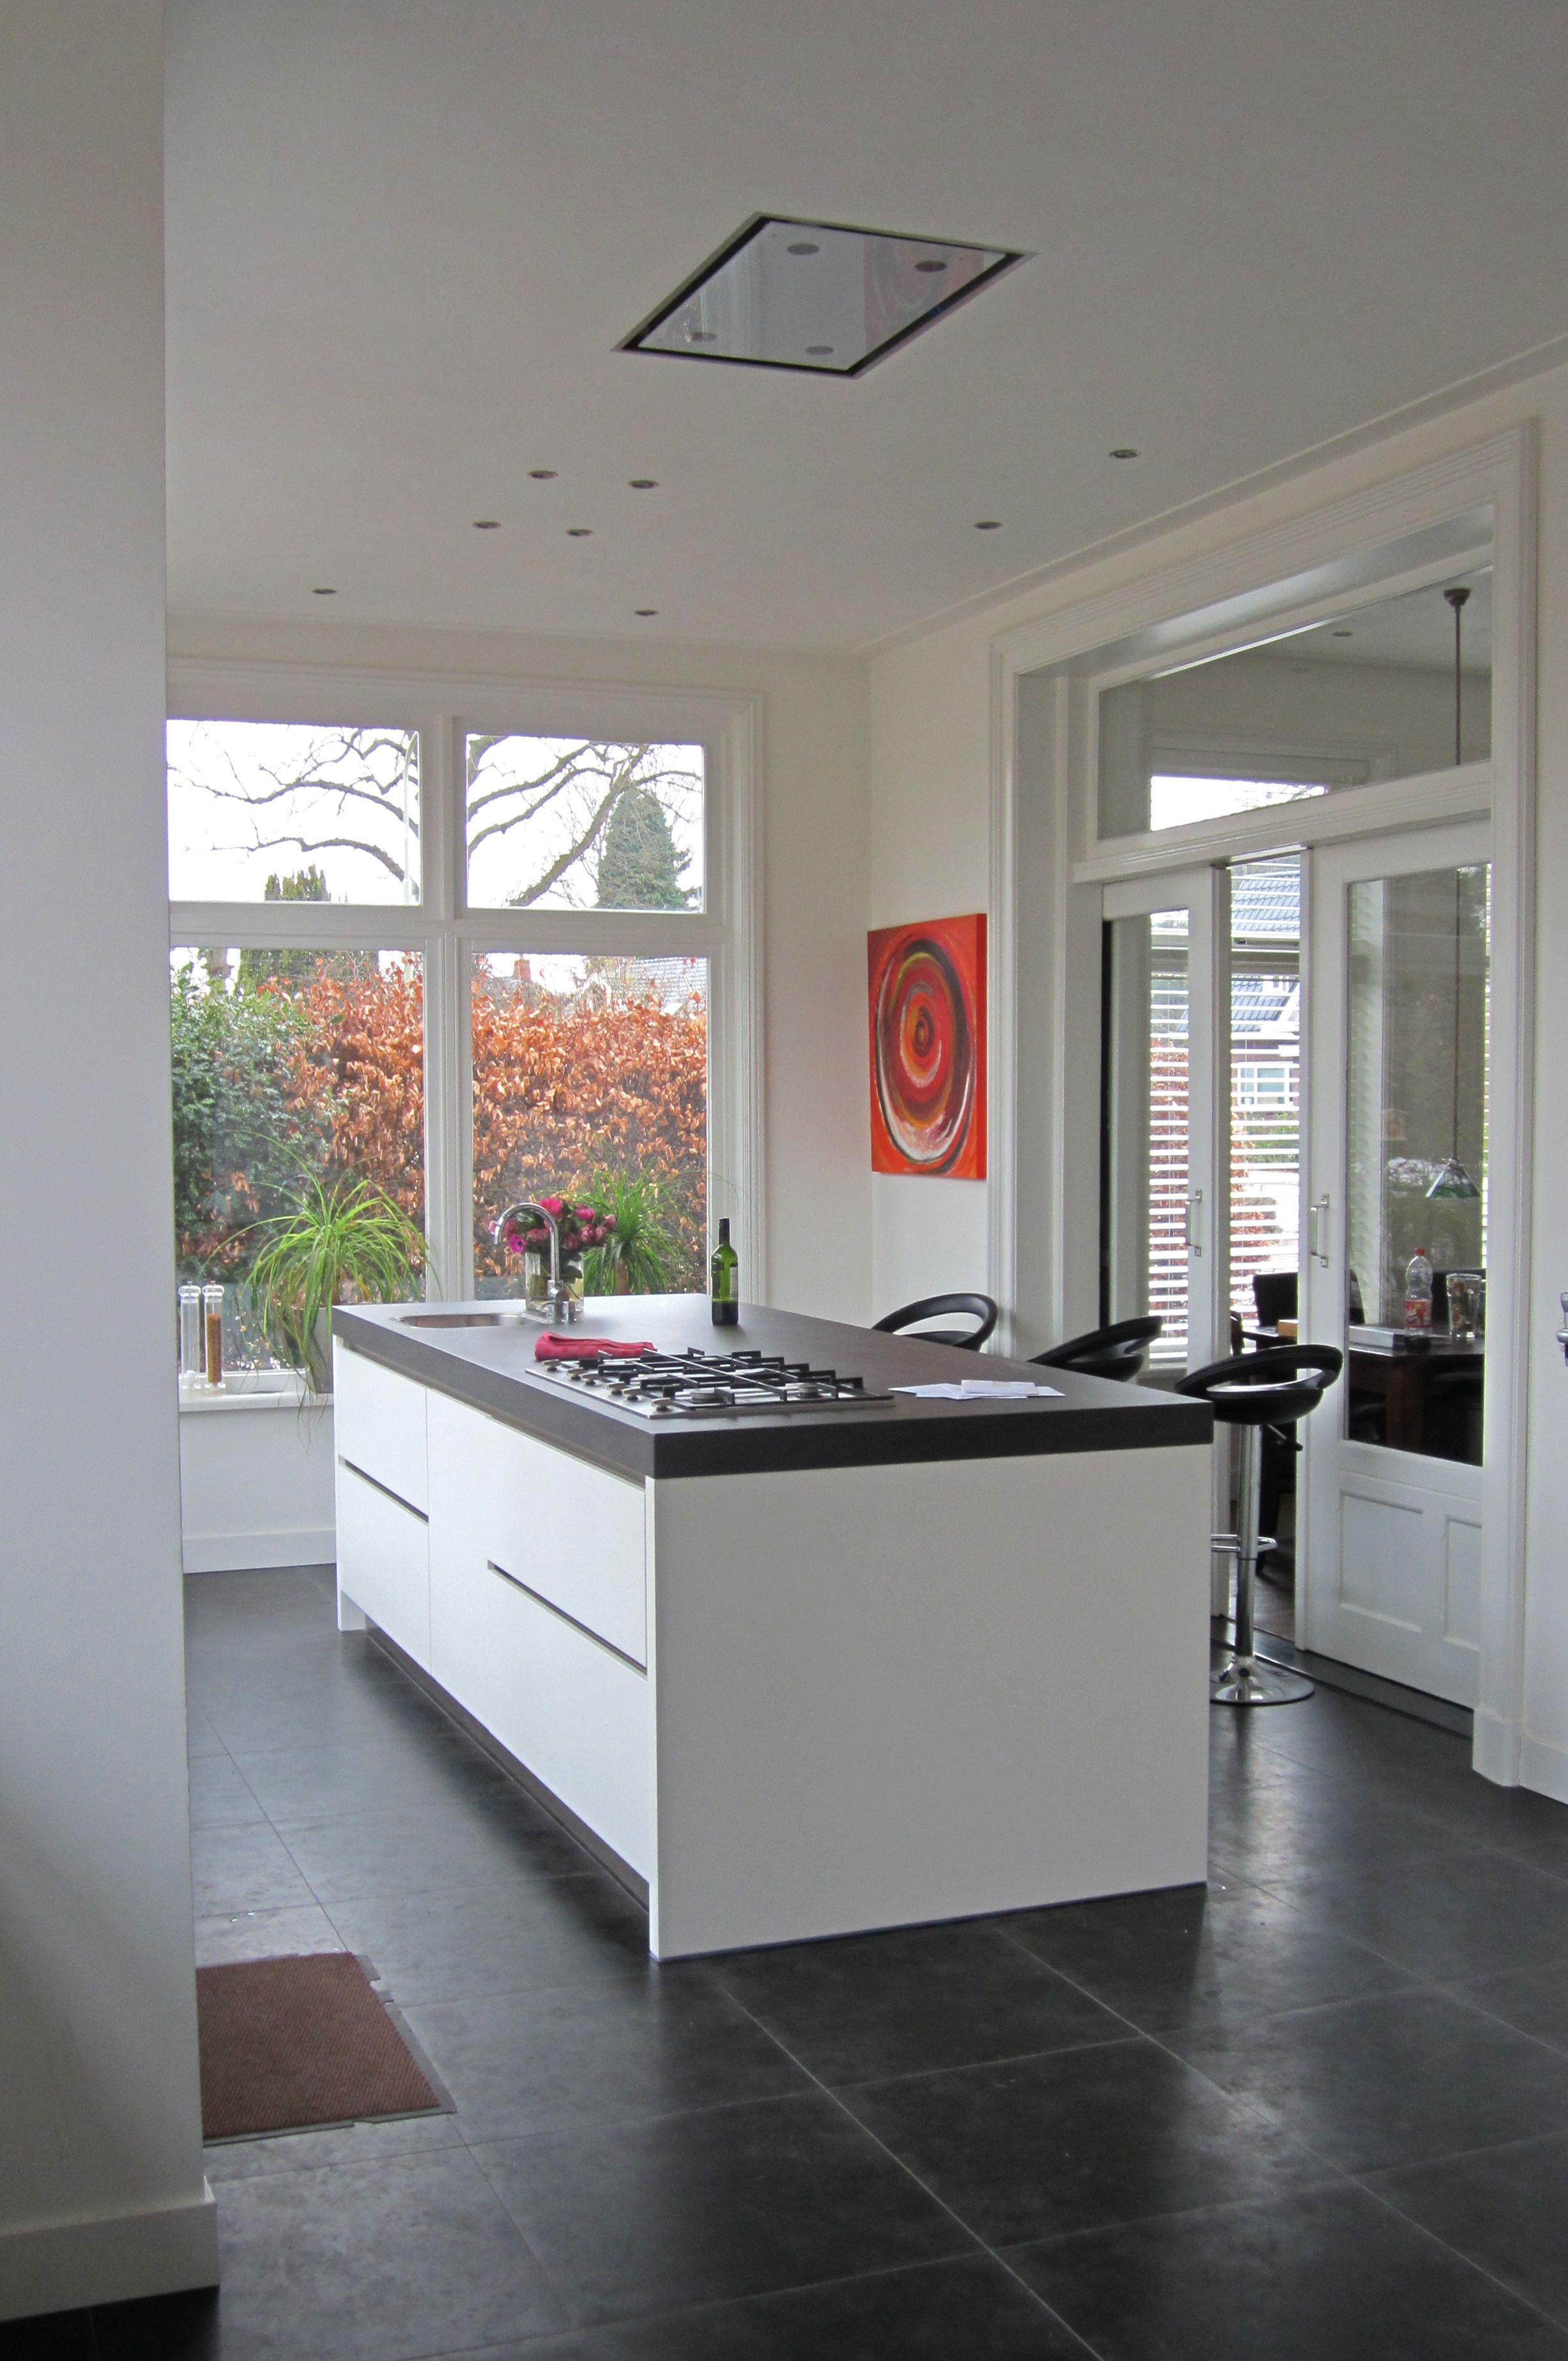 Pin by Karolien on Ideeën voor het huis | Pinterest | Showroom